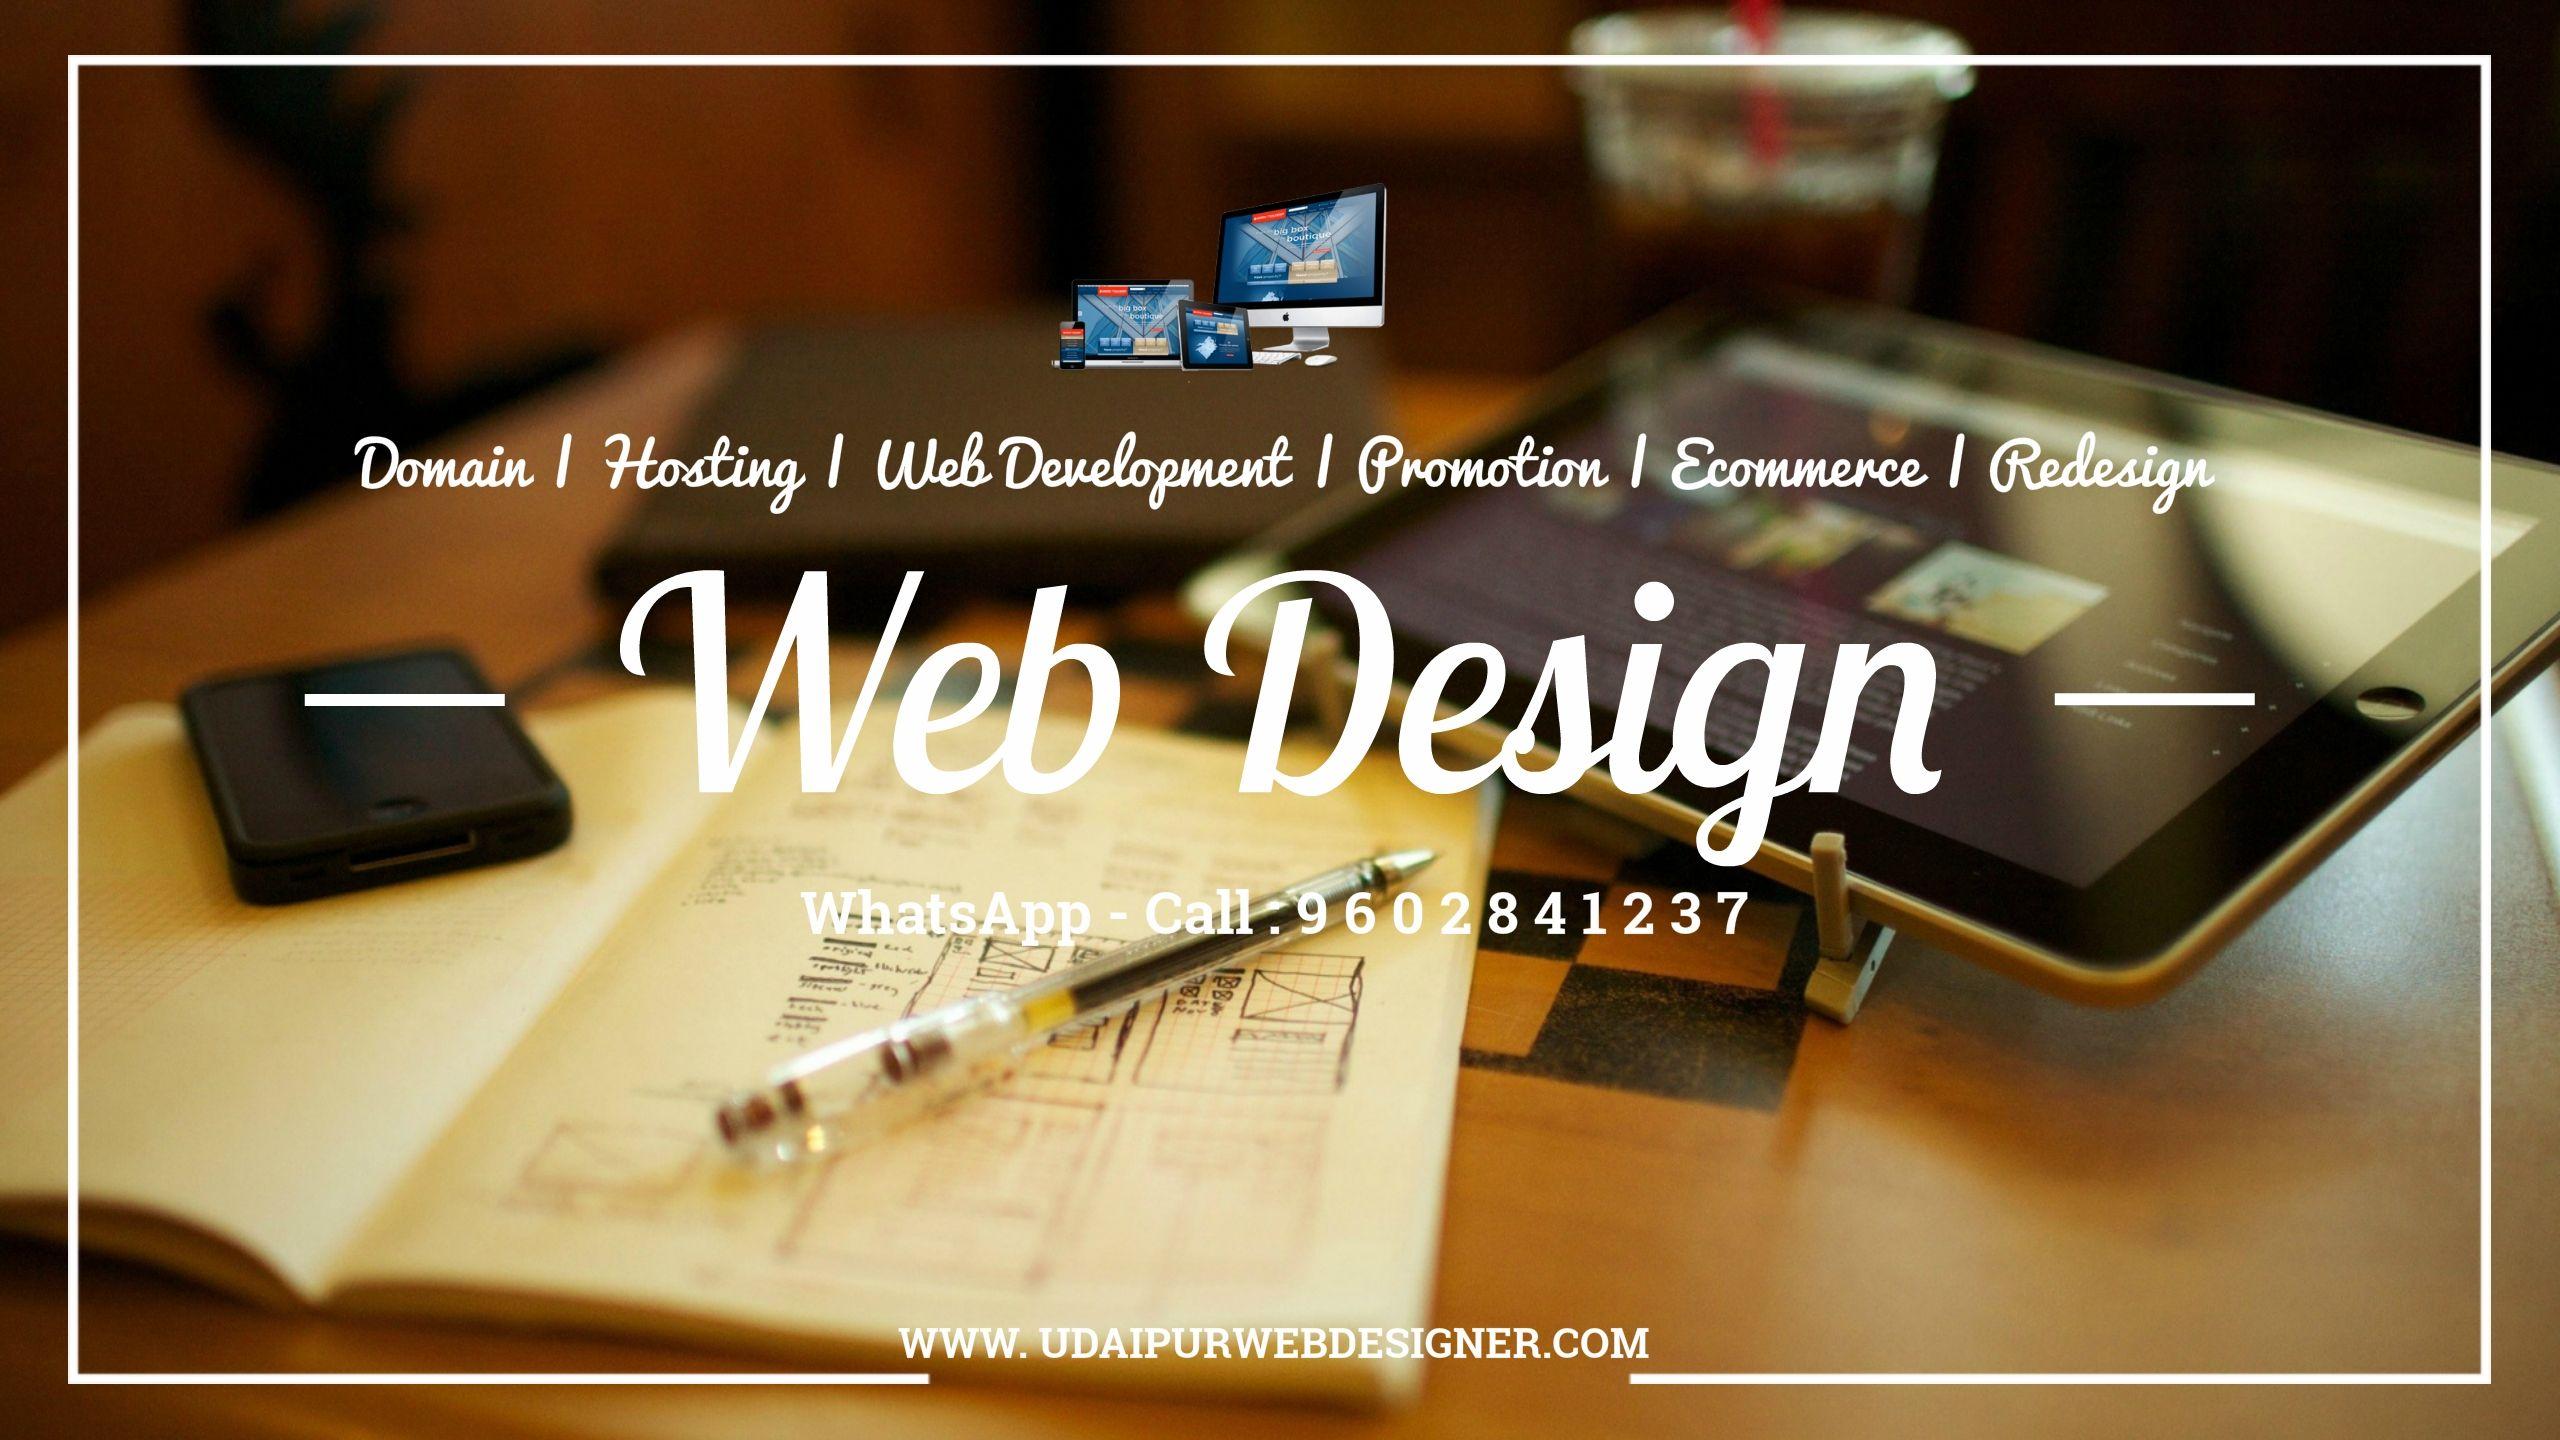 web design banner udaipur web designer pinterest web banners